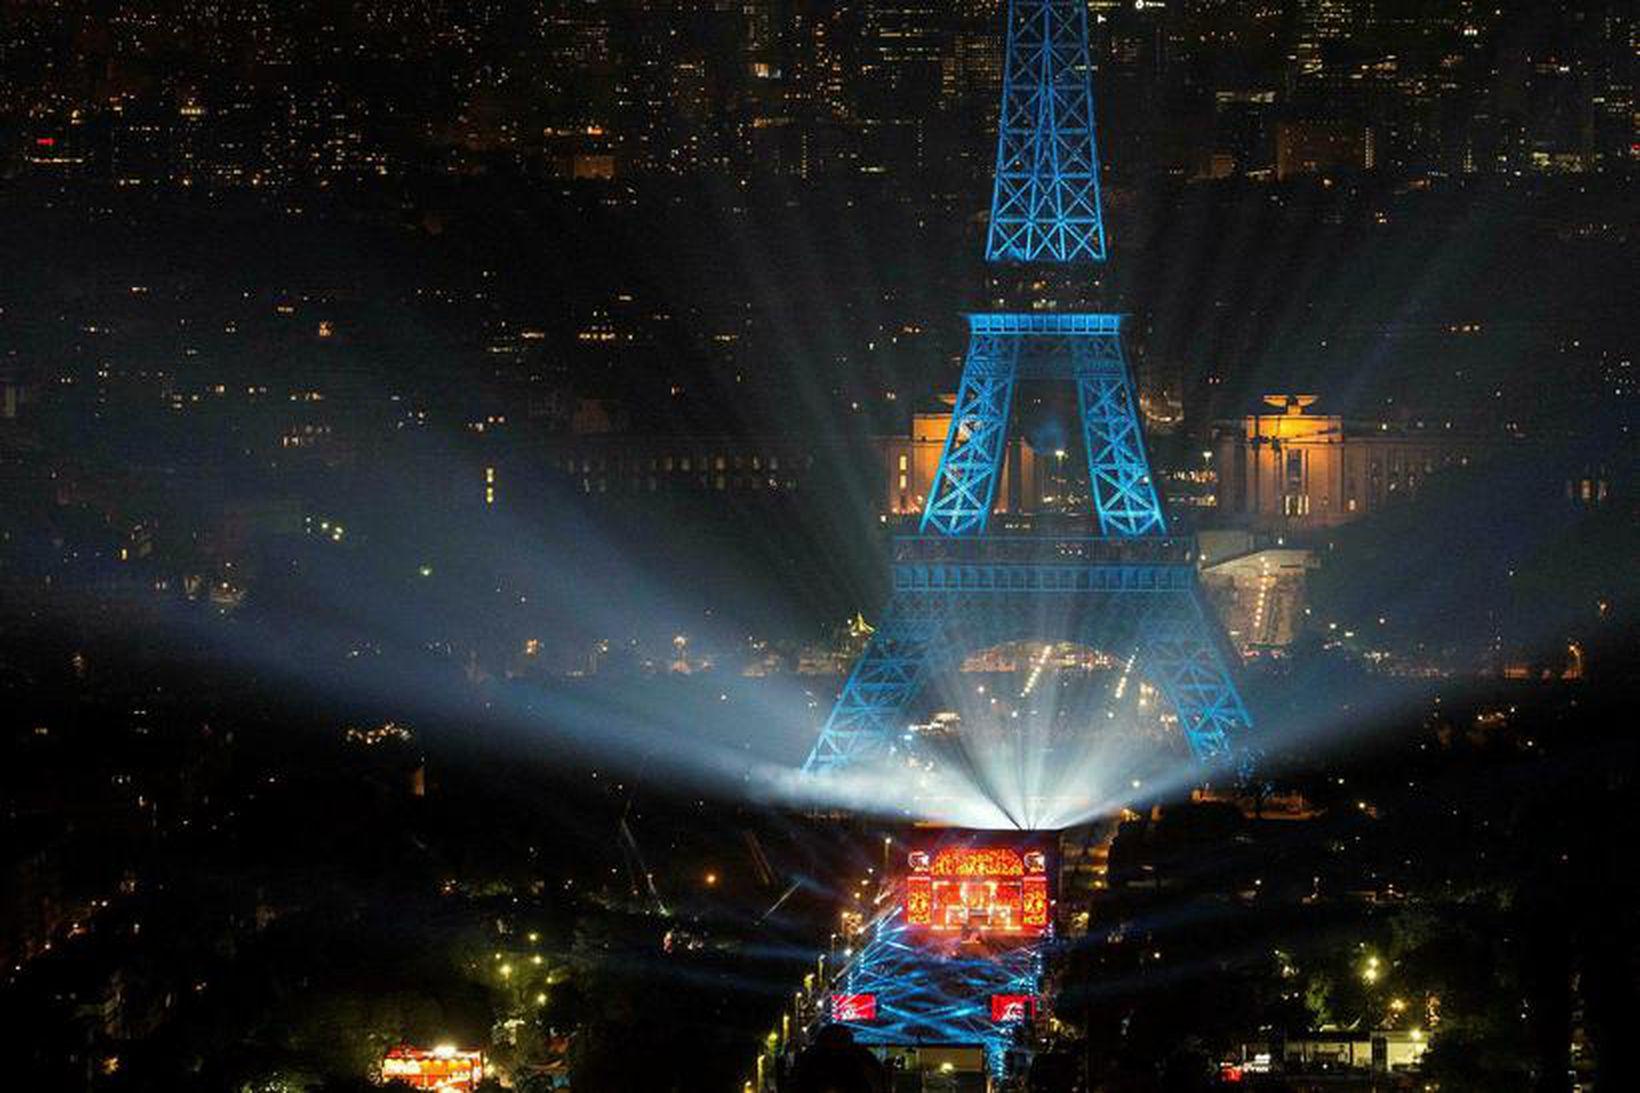 Fyrstu opinberu tónleikar EM voru haldnir við Eiffelturninn í París …